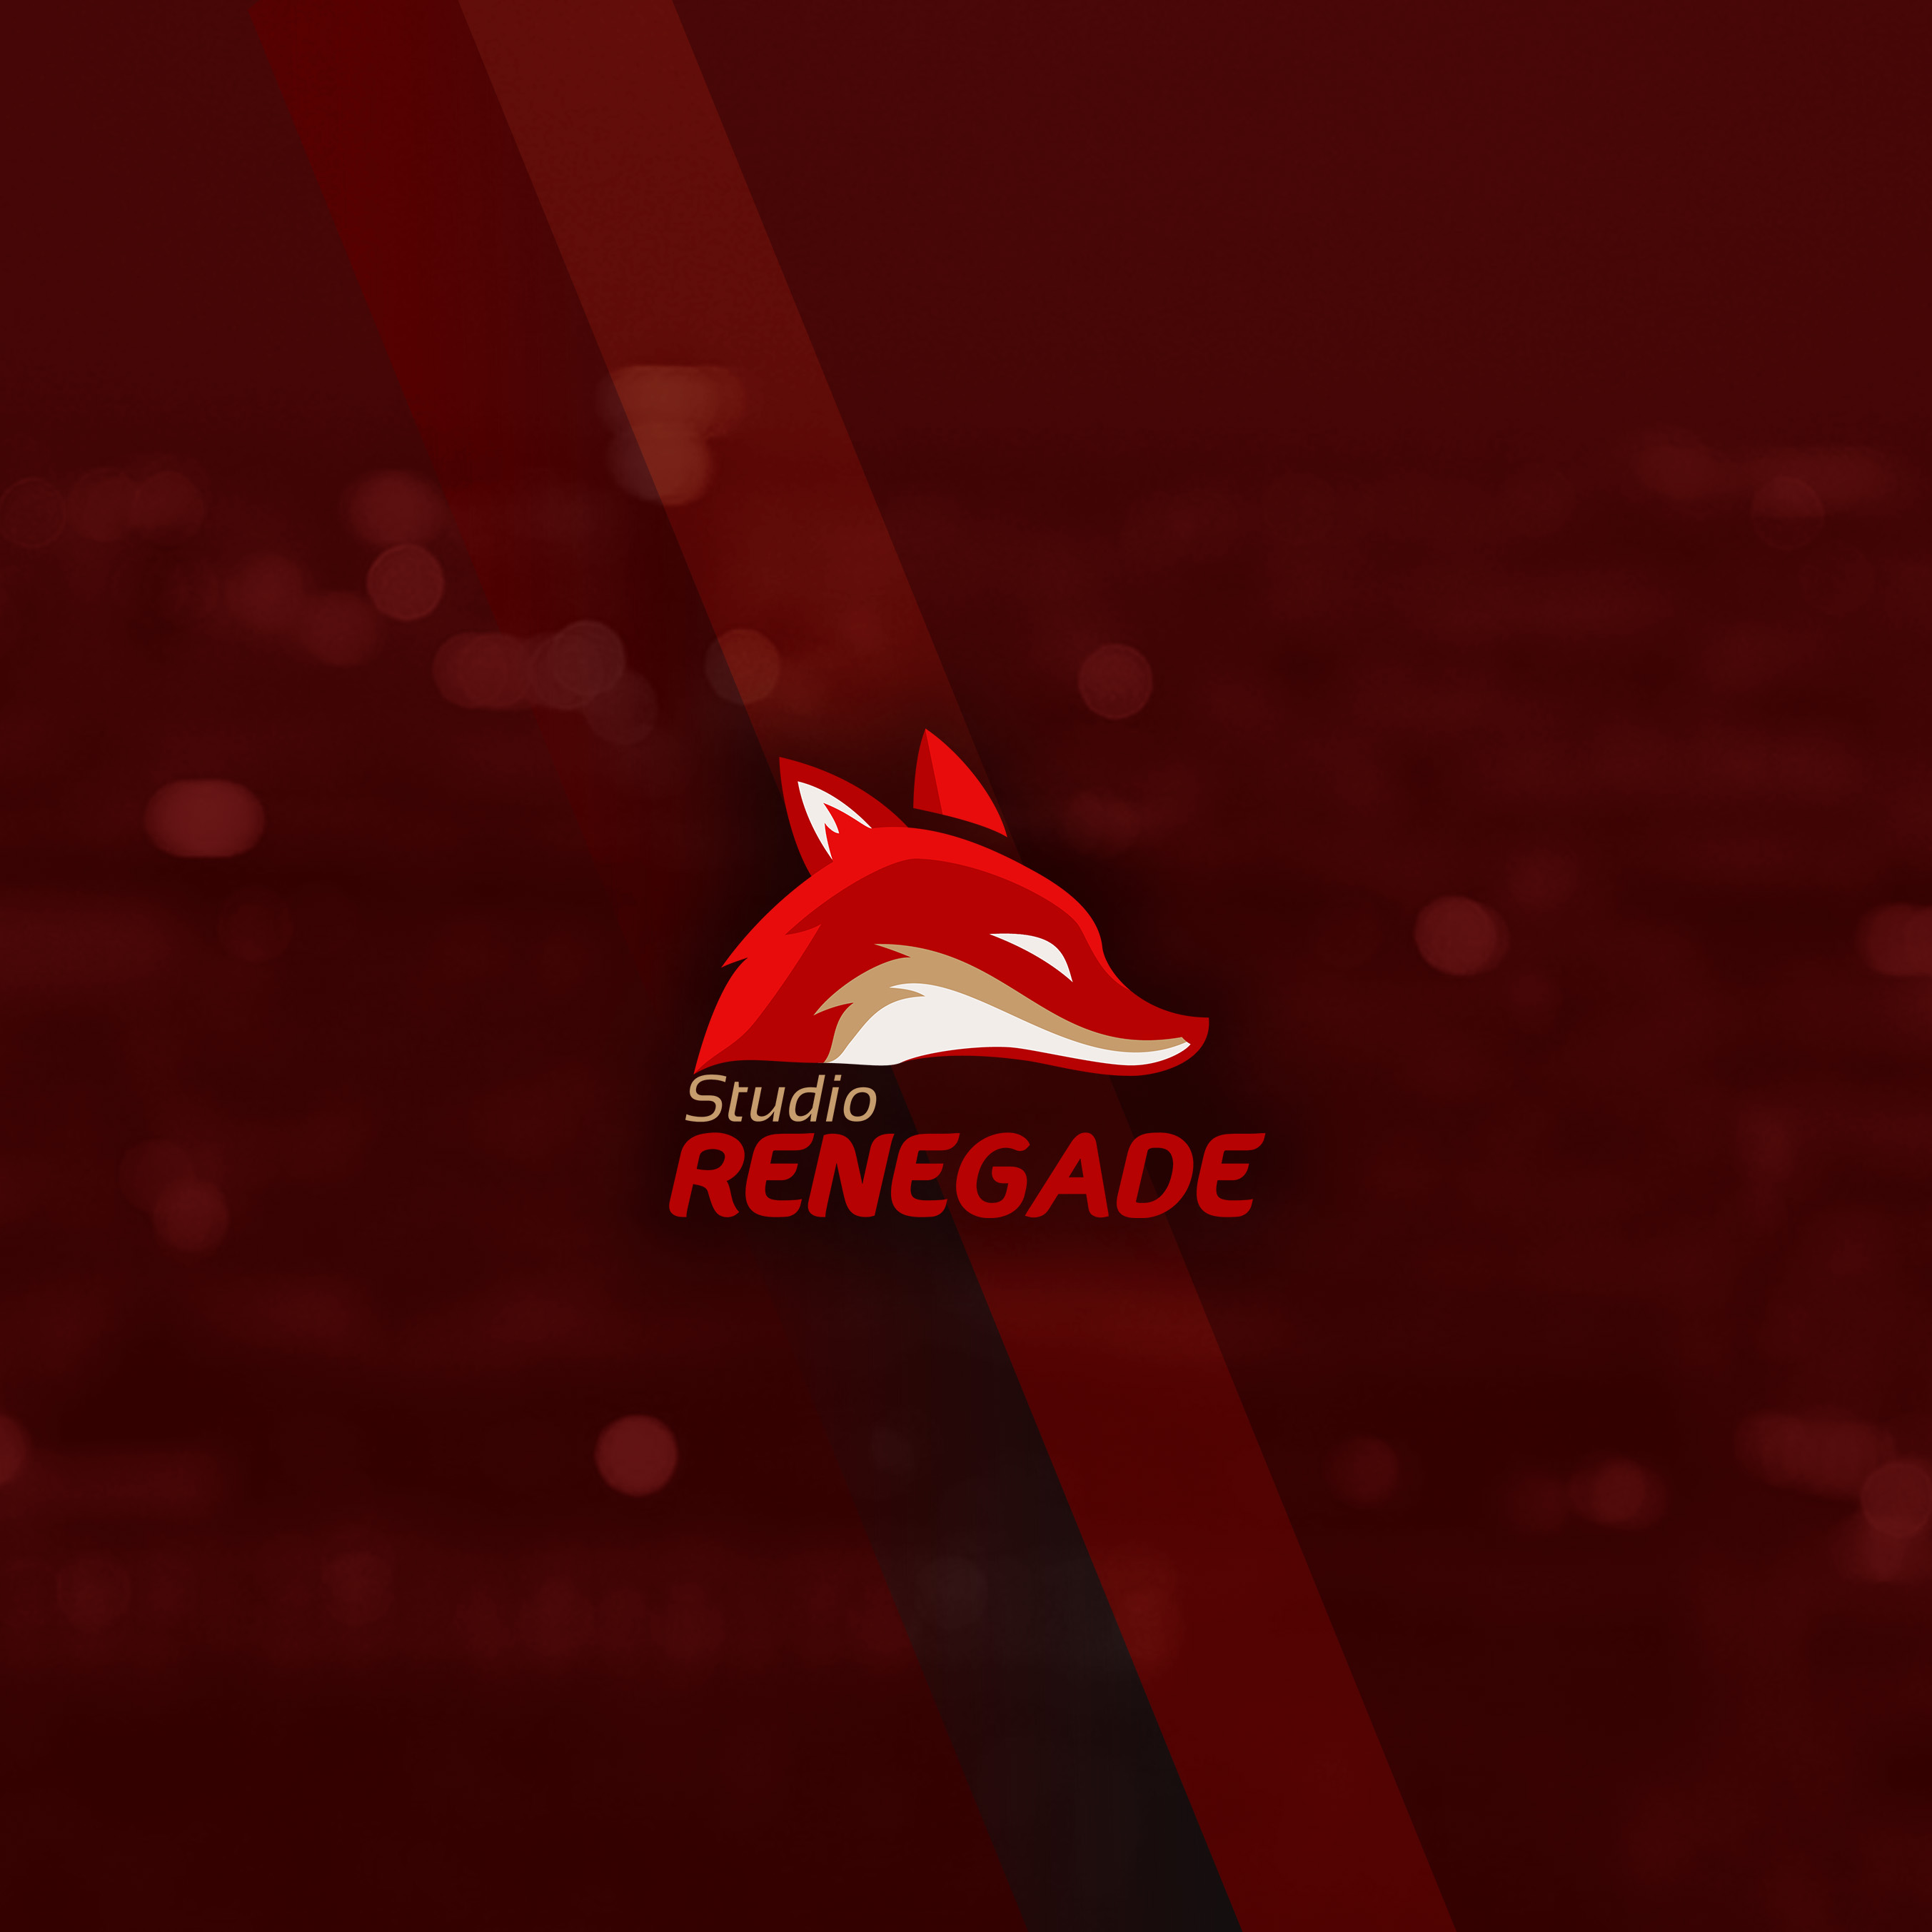 Studio Renegade